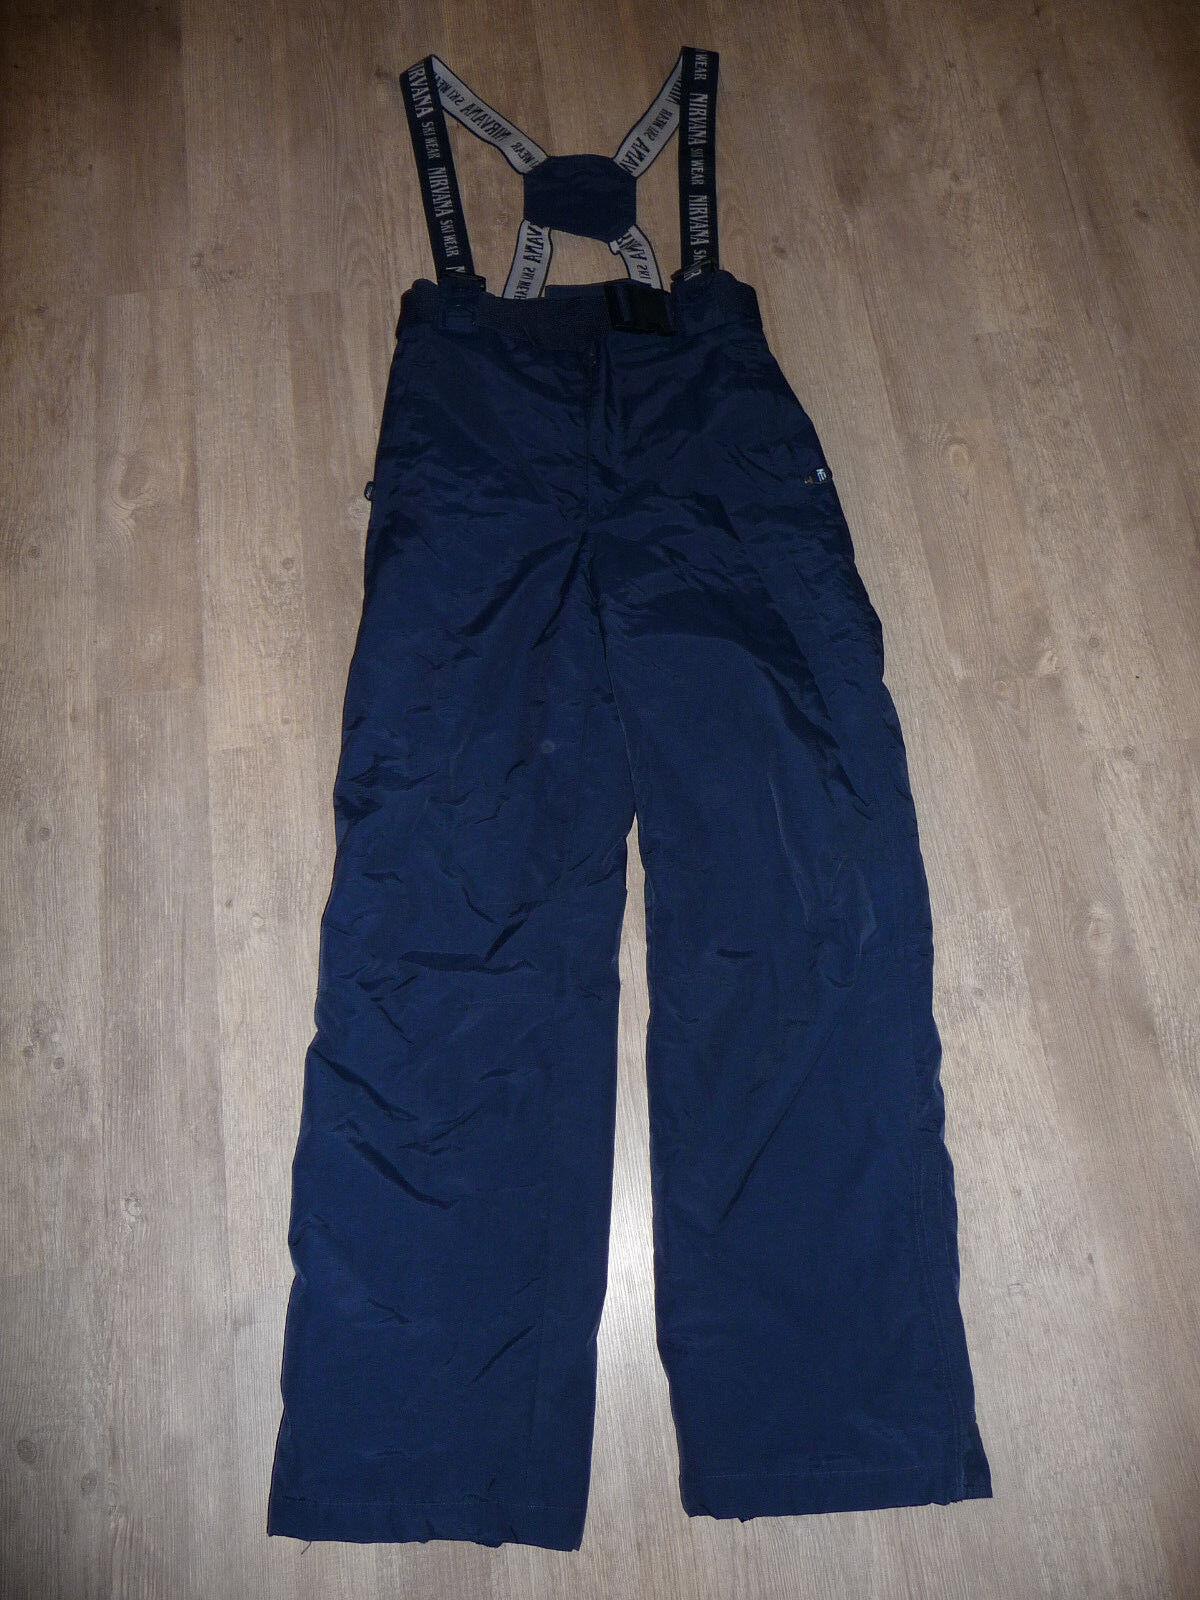 Pantalon de ski homme Blau Größe 38 40 salopette combinaison